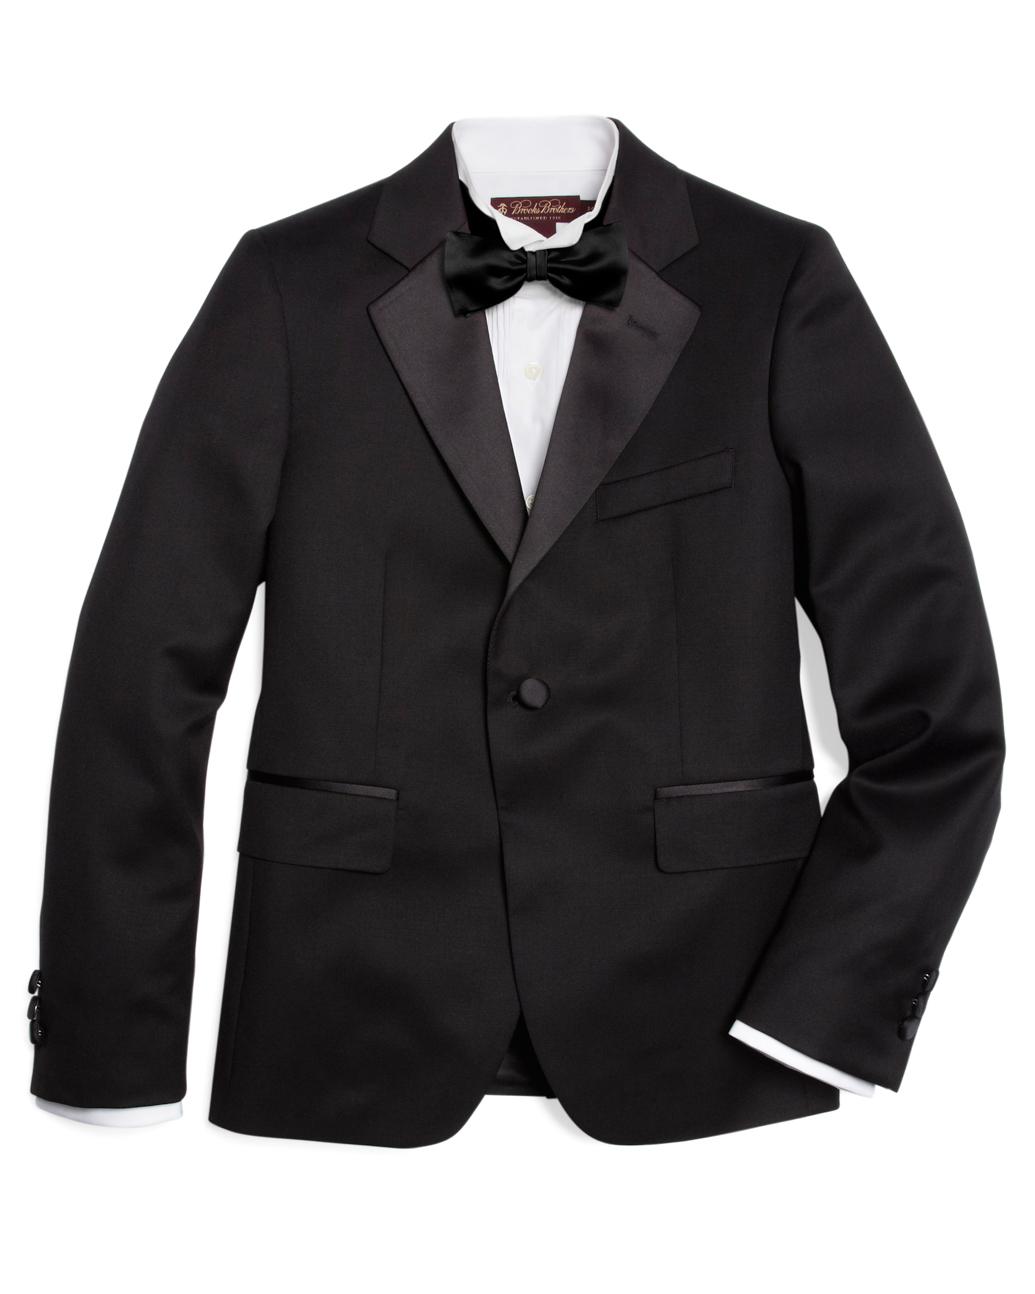 ring bearer jacket